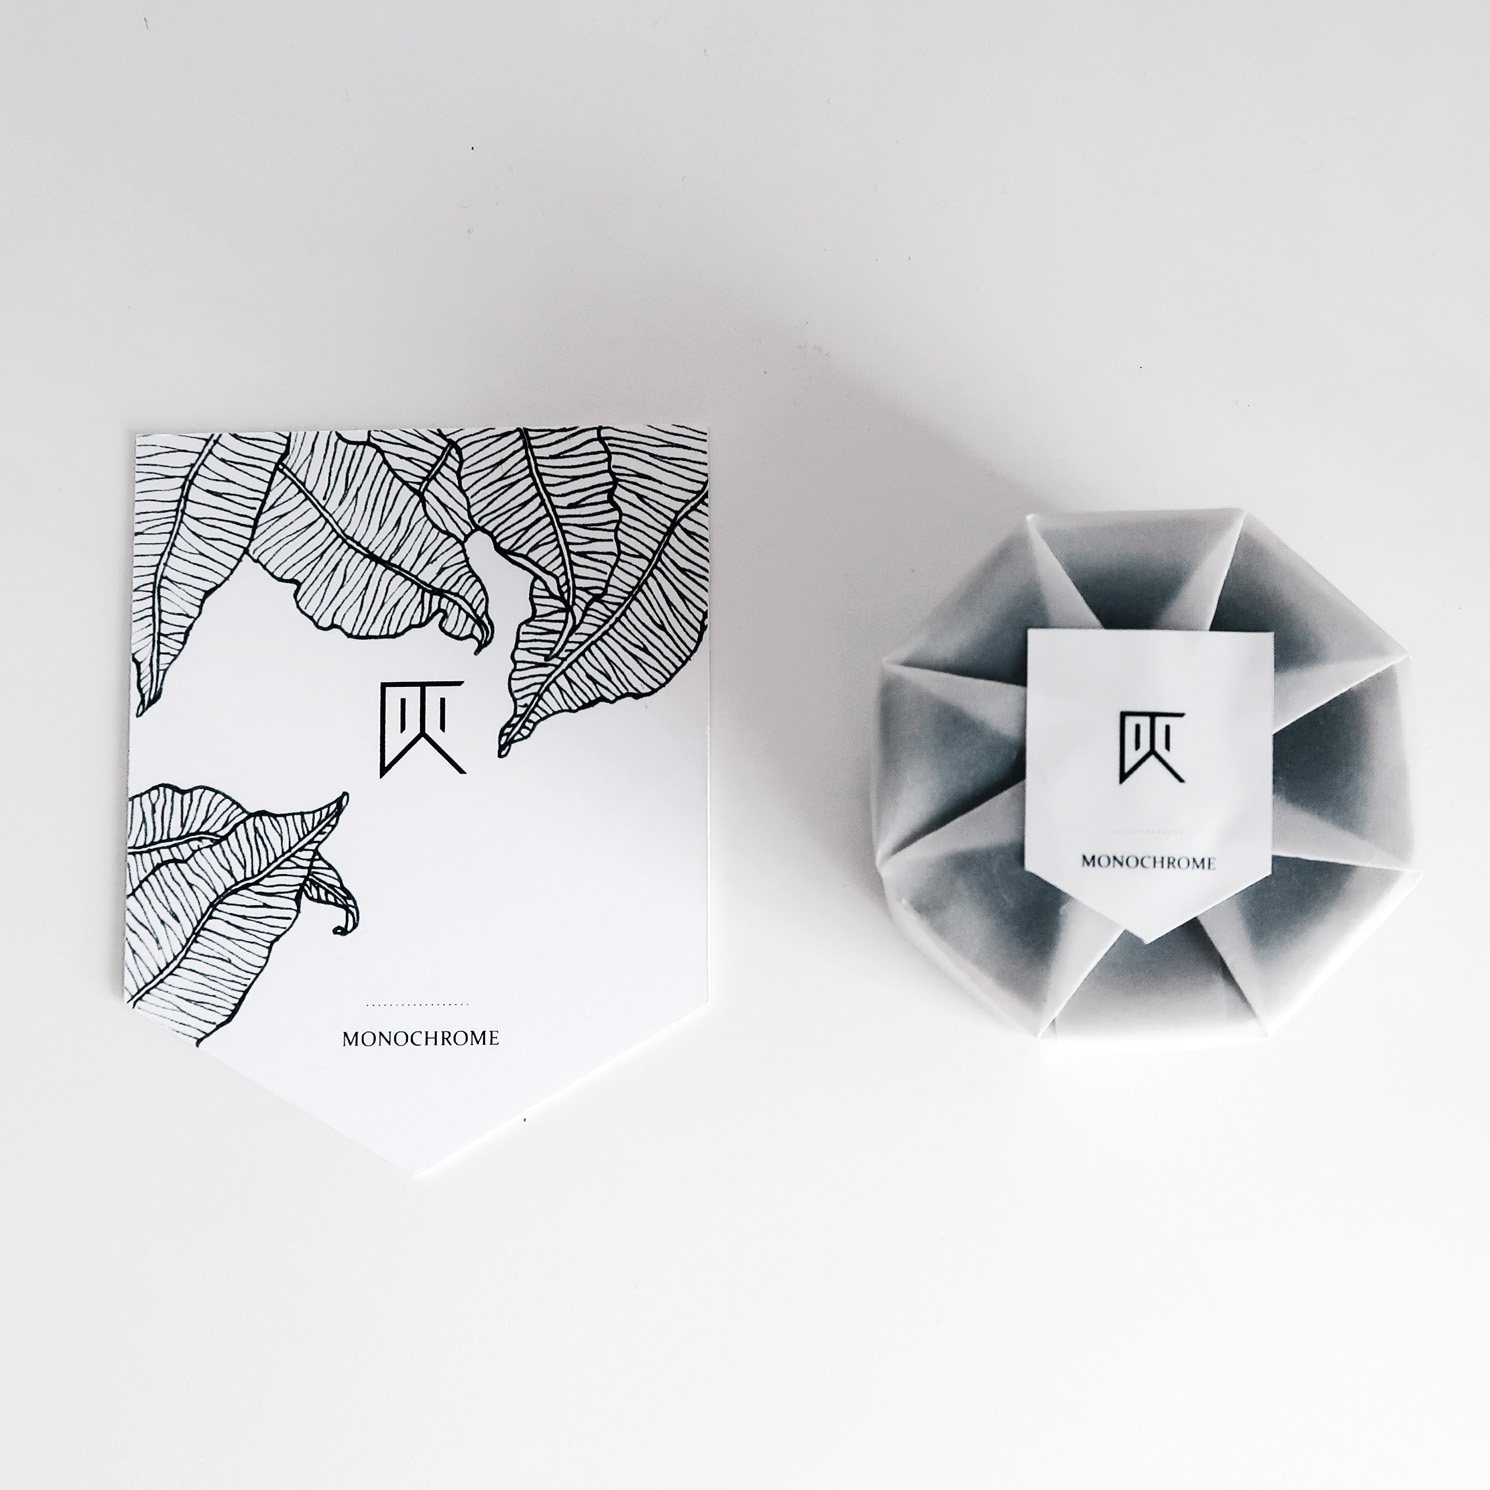 水泥設計禮物包裝:商品卡與手工紙盒